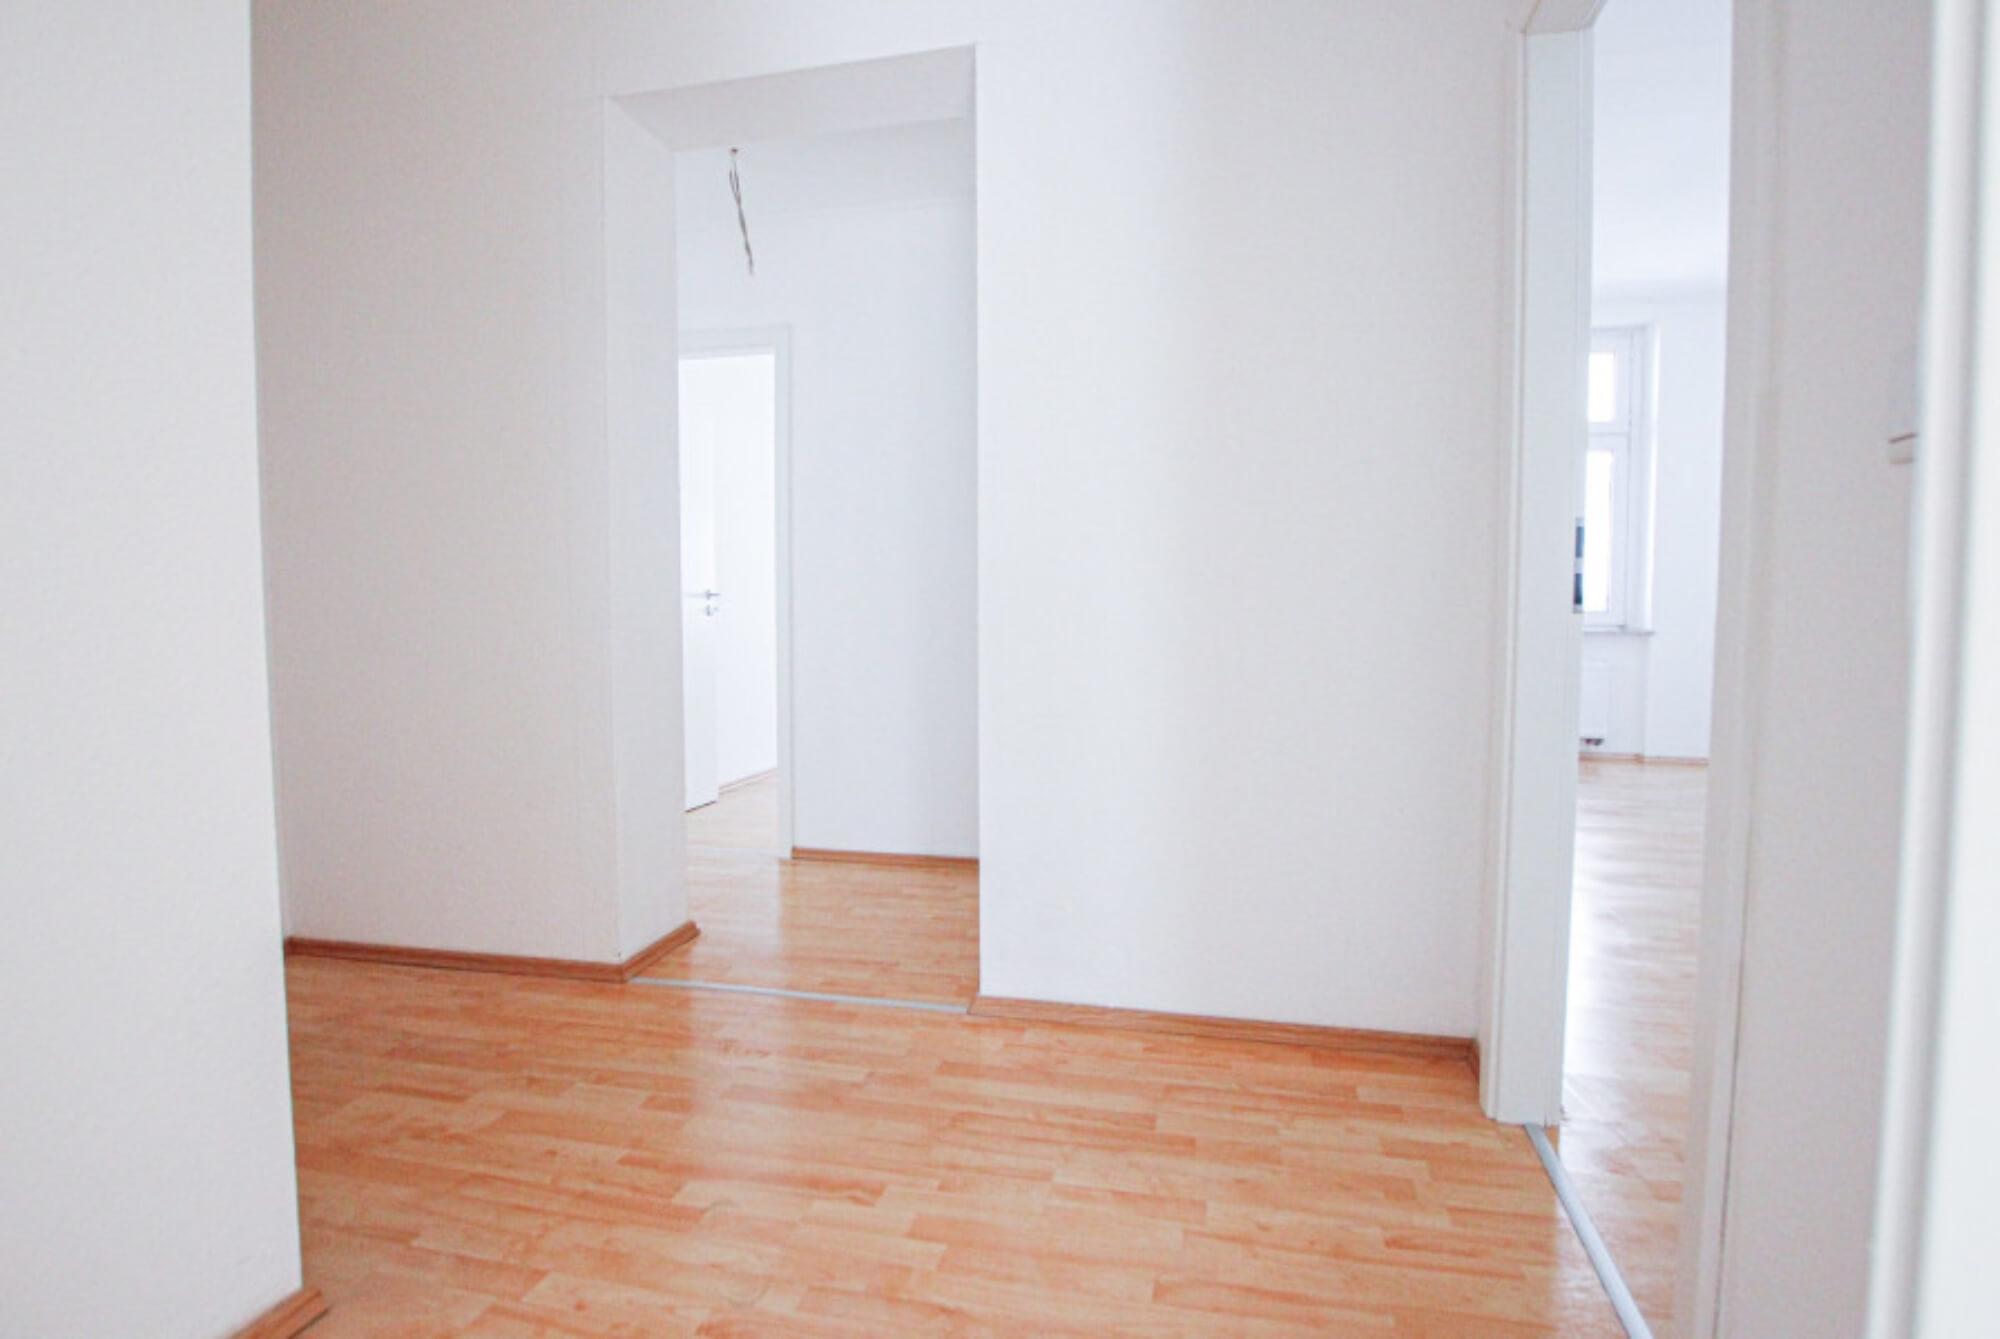 8 Wohnungen verschiedener Größen in Hagen ab dem 01.07.21 zu vermieten!